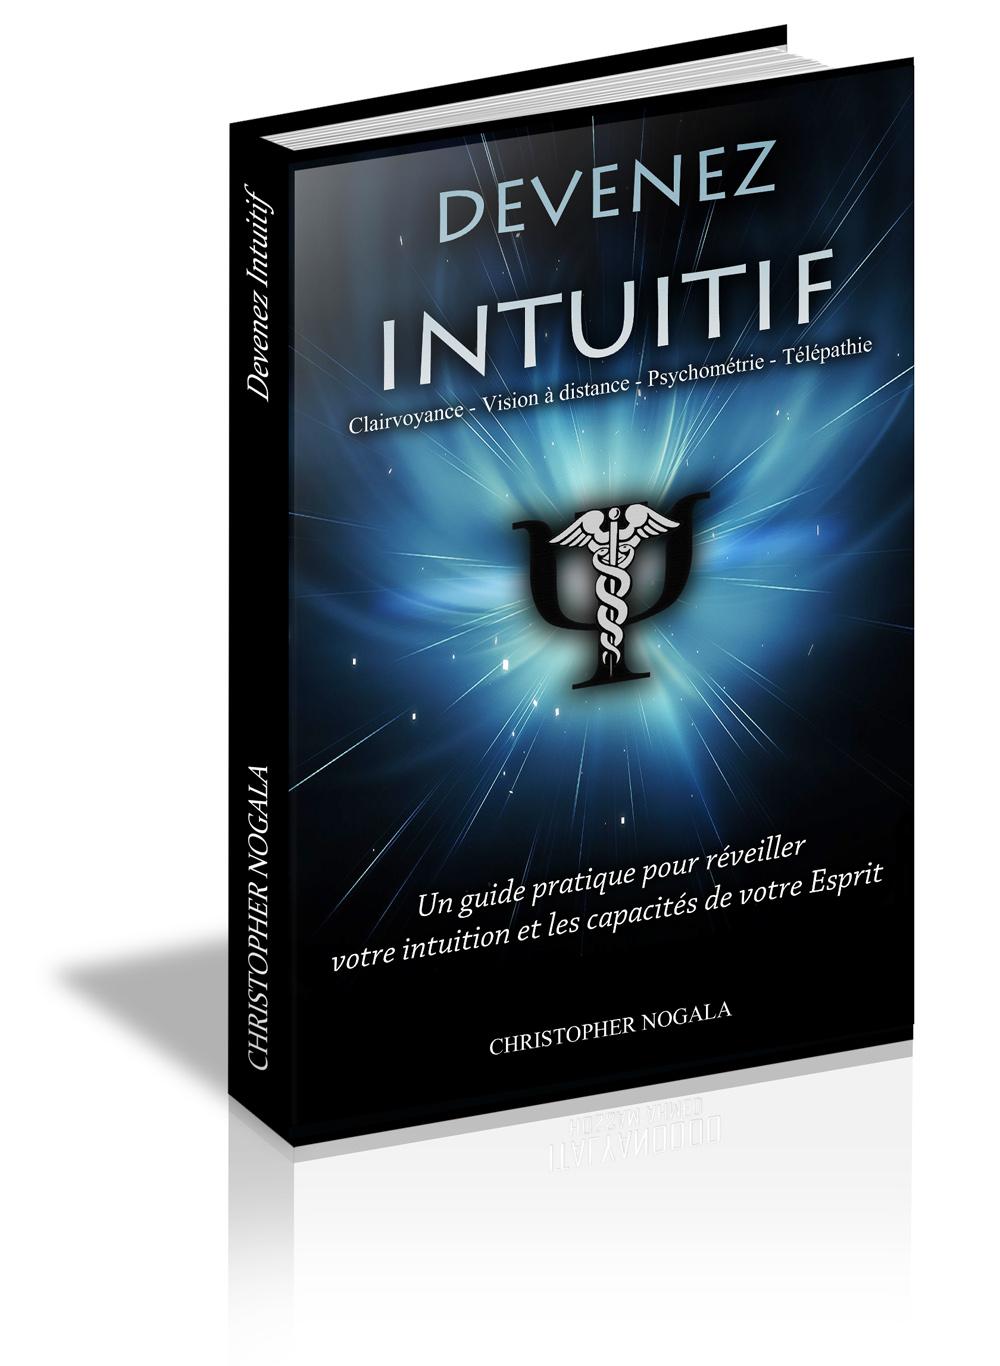 """Livre """"Devenez Intuitif"""""""